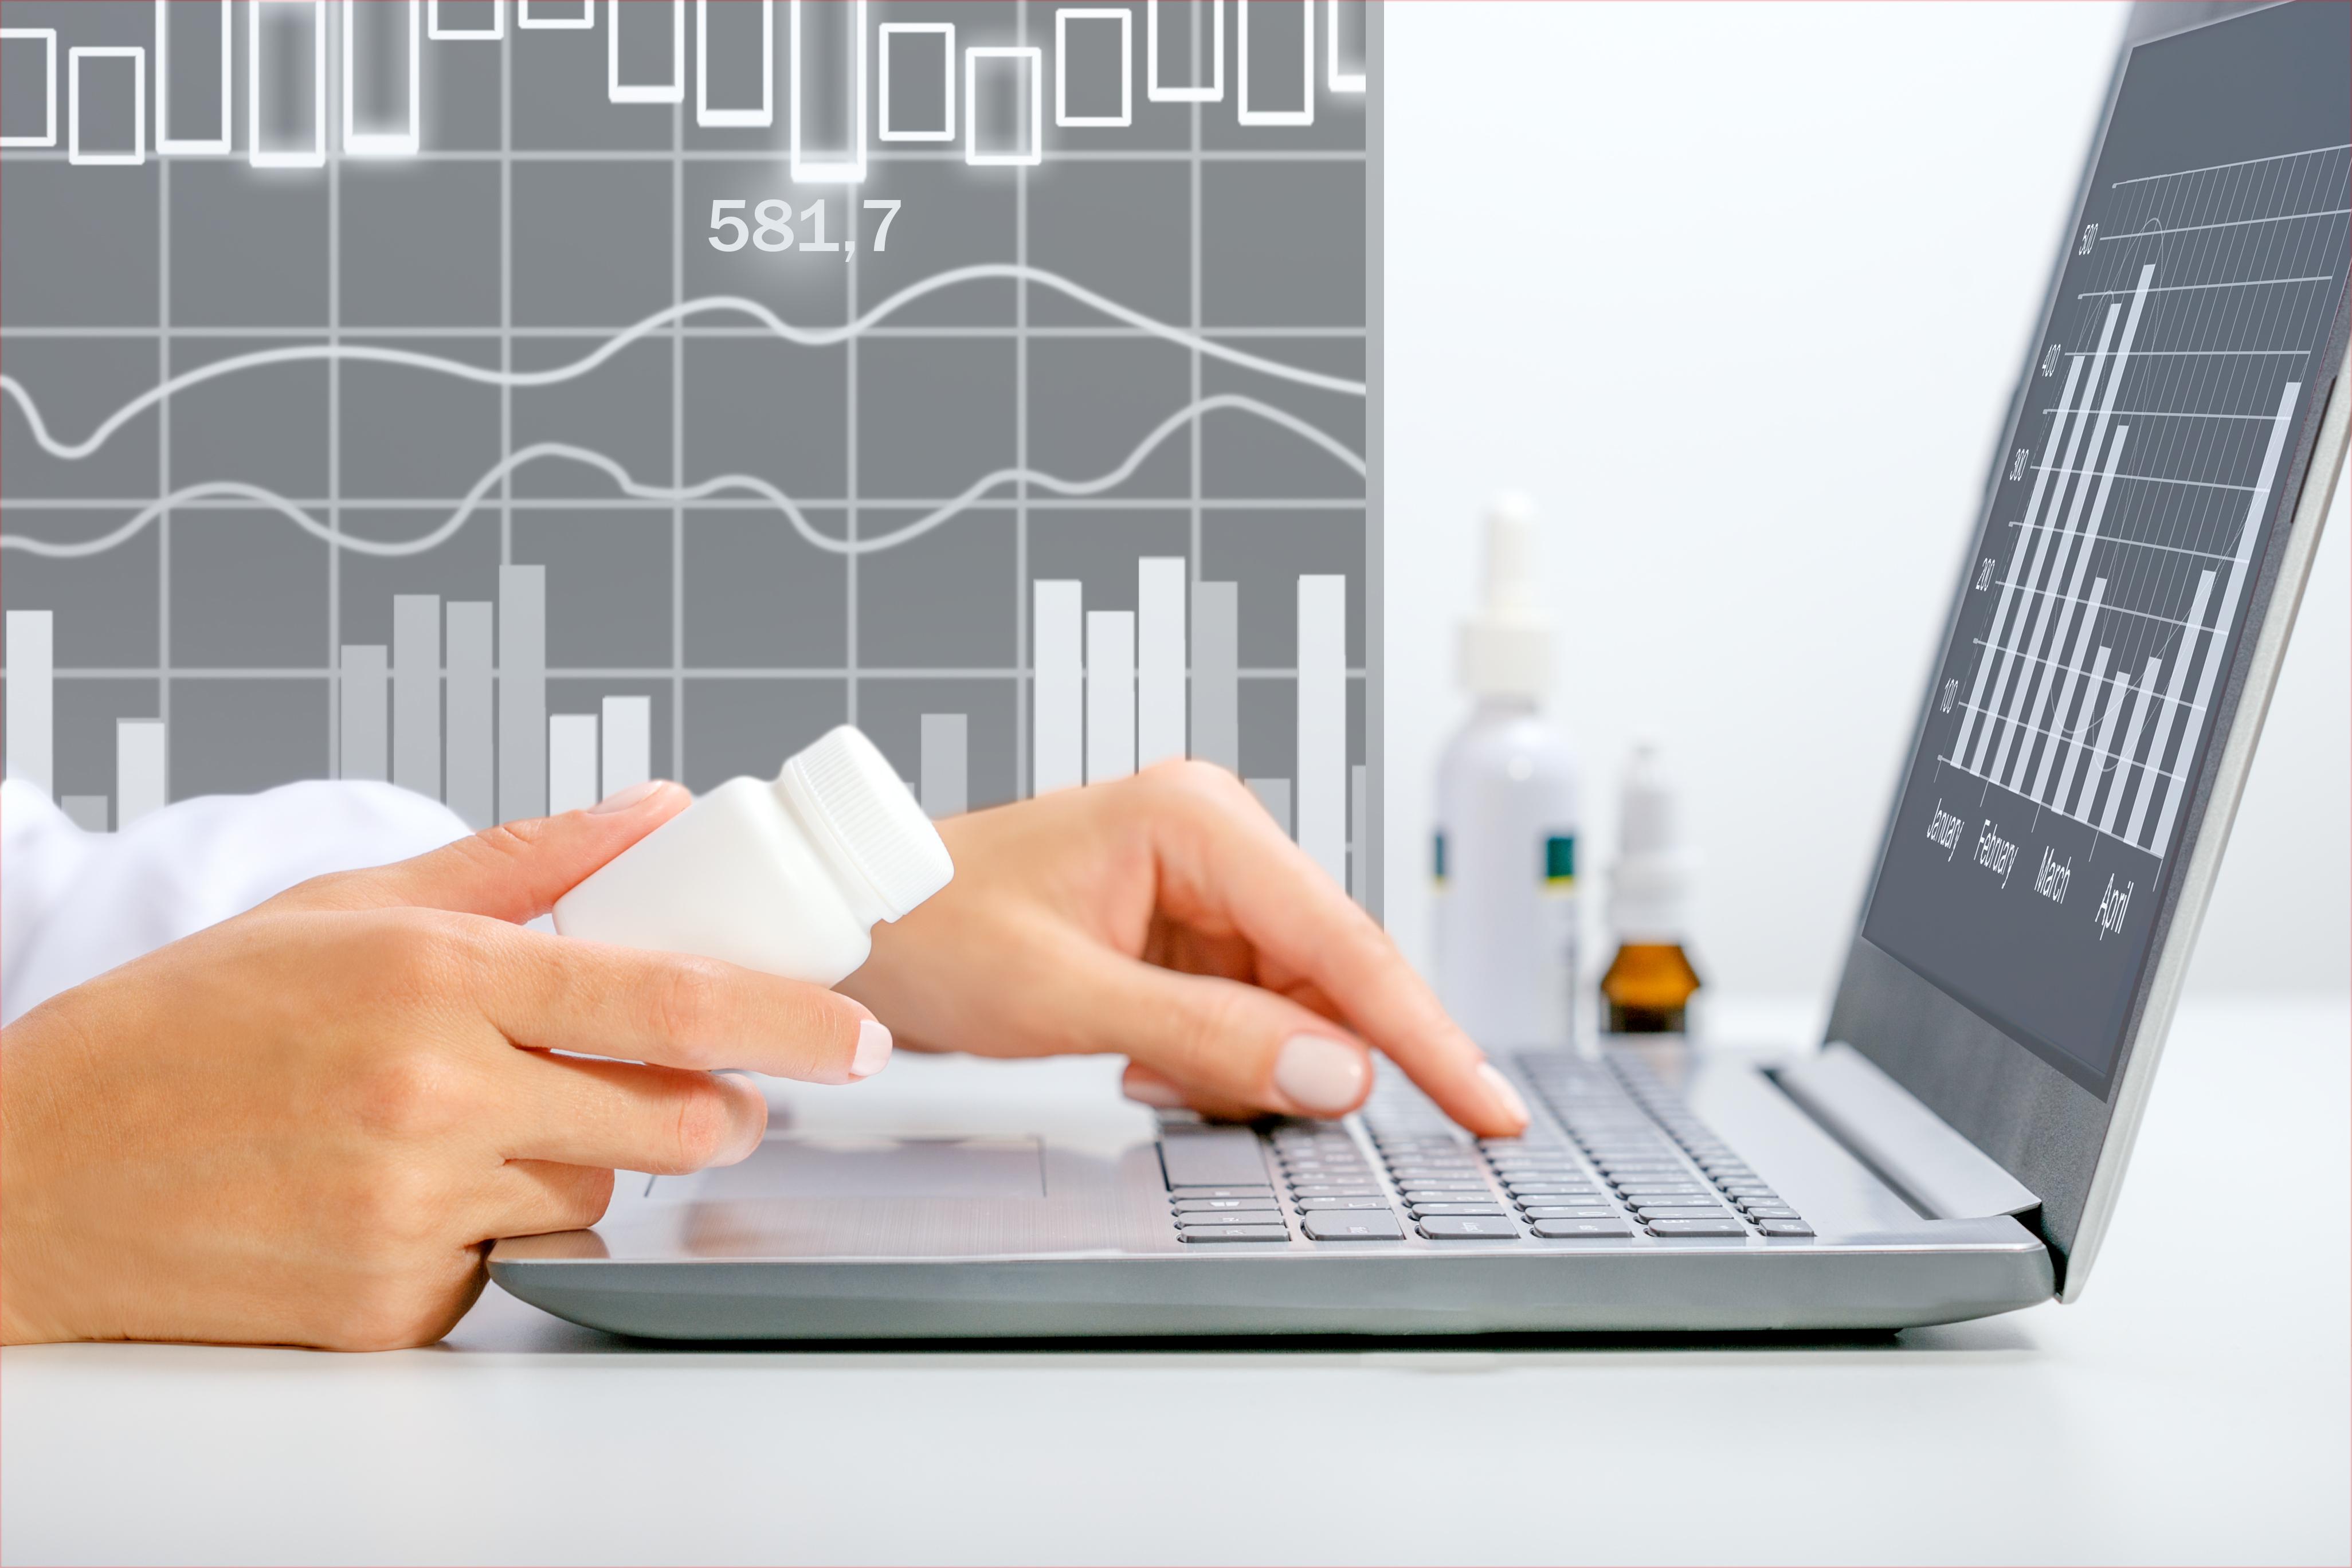 La importancia del pedido diario en farmacia